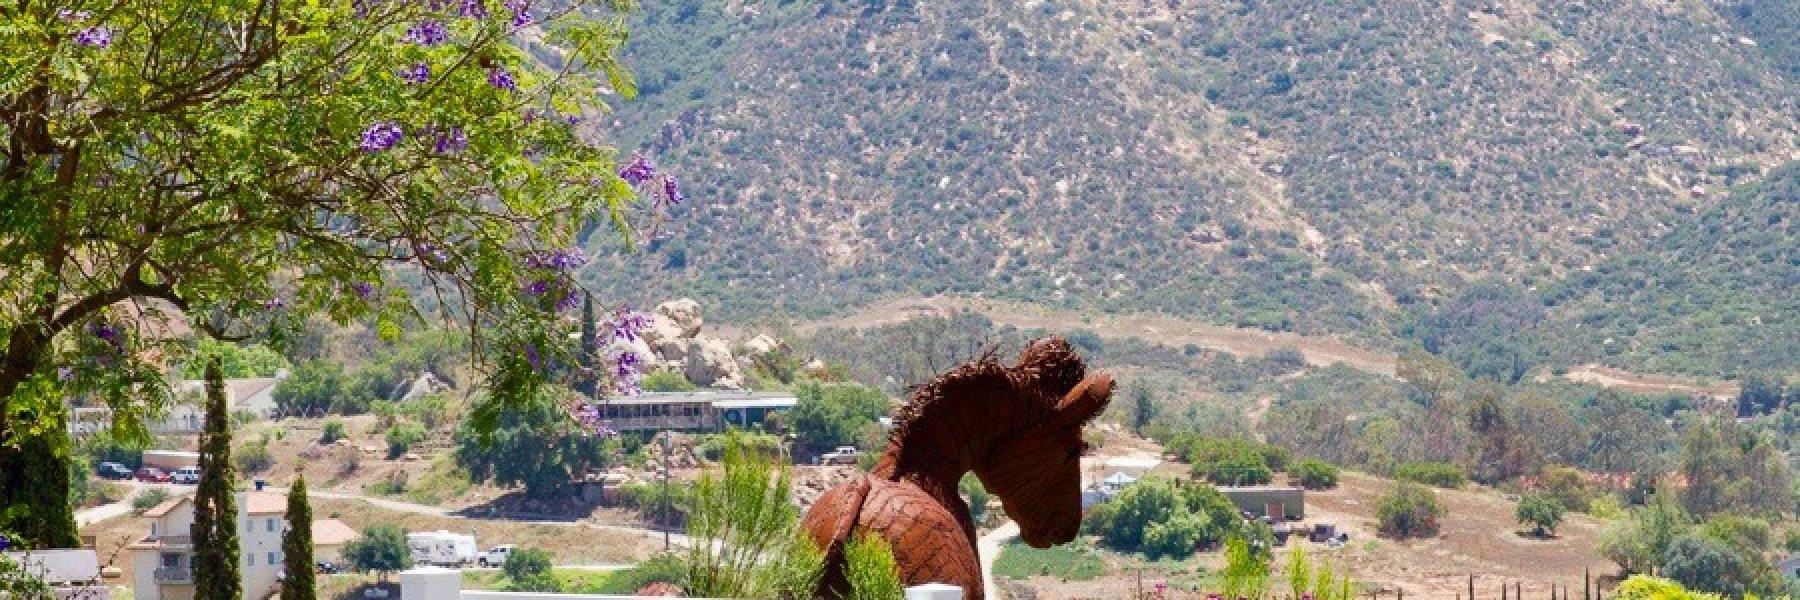 Blosson valley in El Cajon